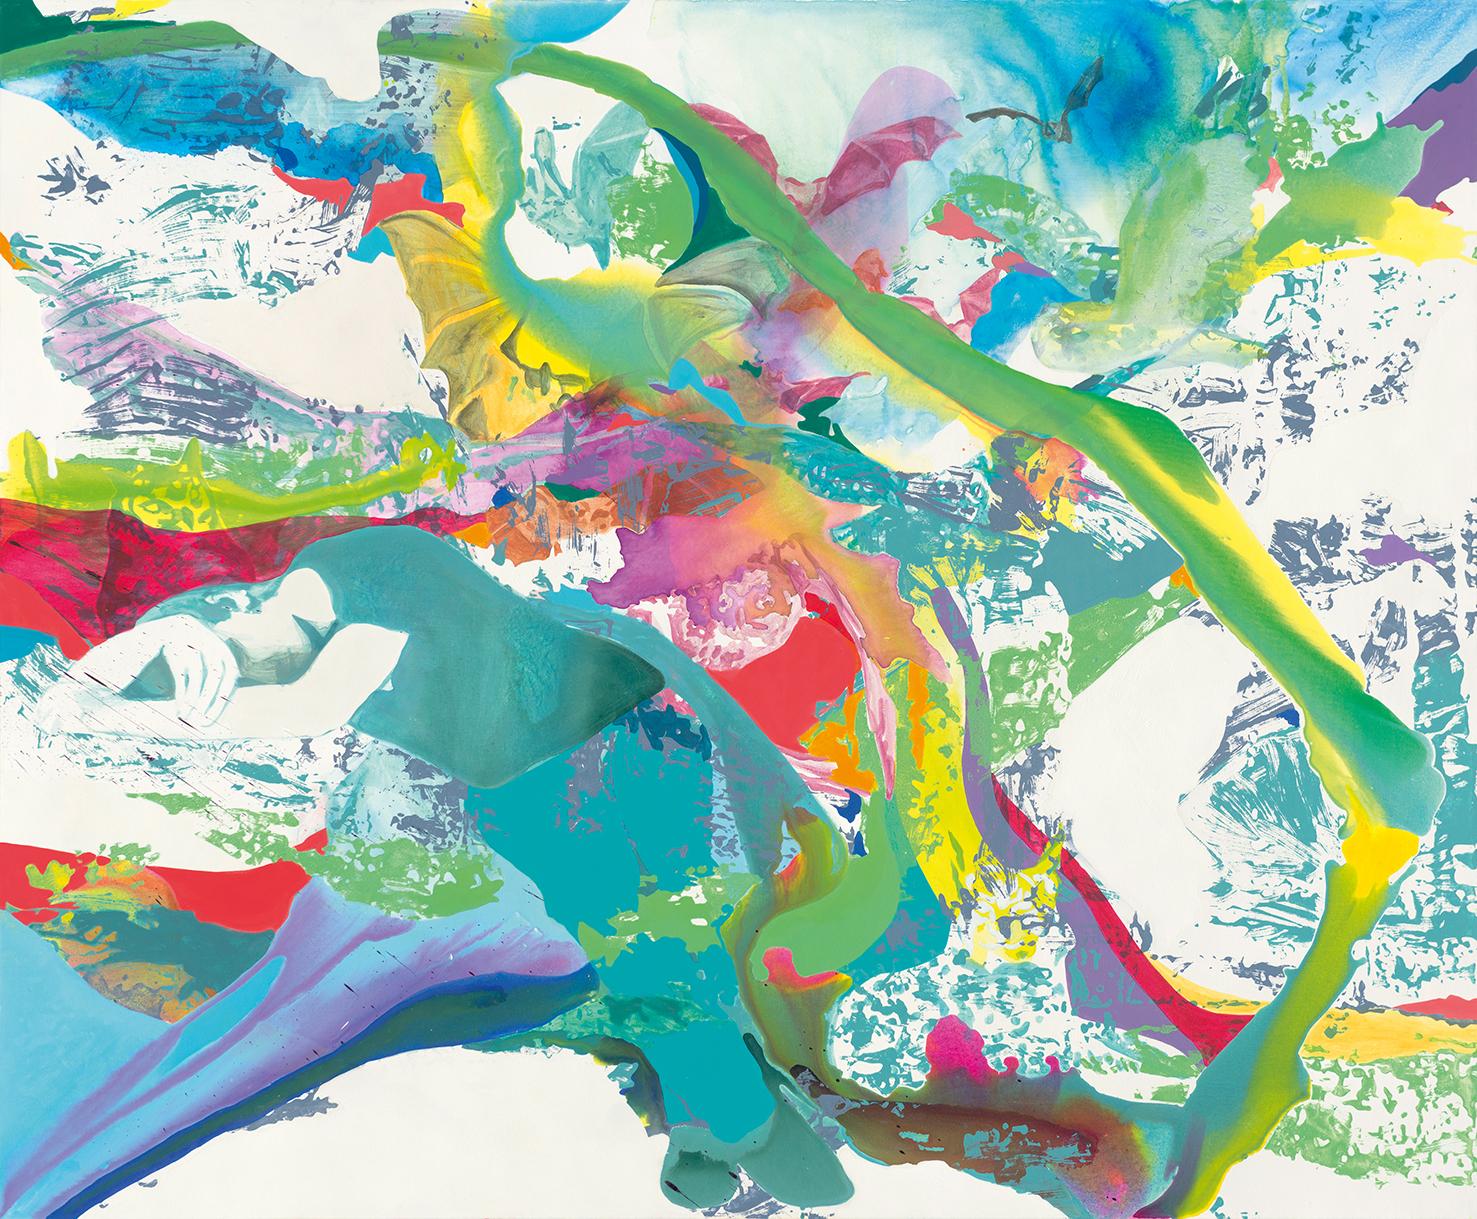 Der Schlaf der Vernunft gebiert Ungeheuer  |Tusche, Acryl, Öl und Linoldruck auf Leinwand | 180 x 220 cm